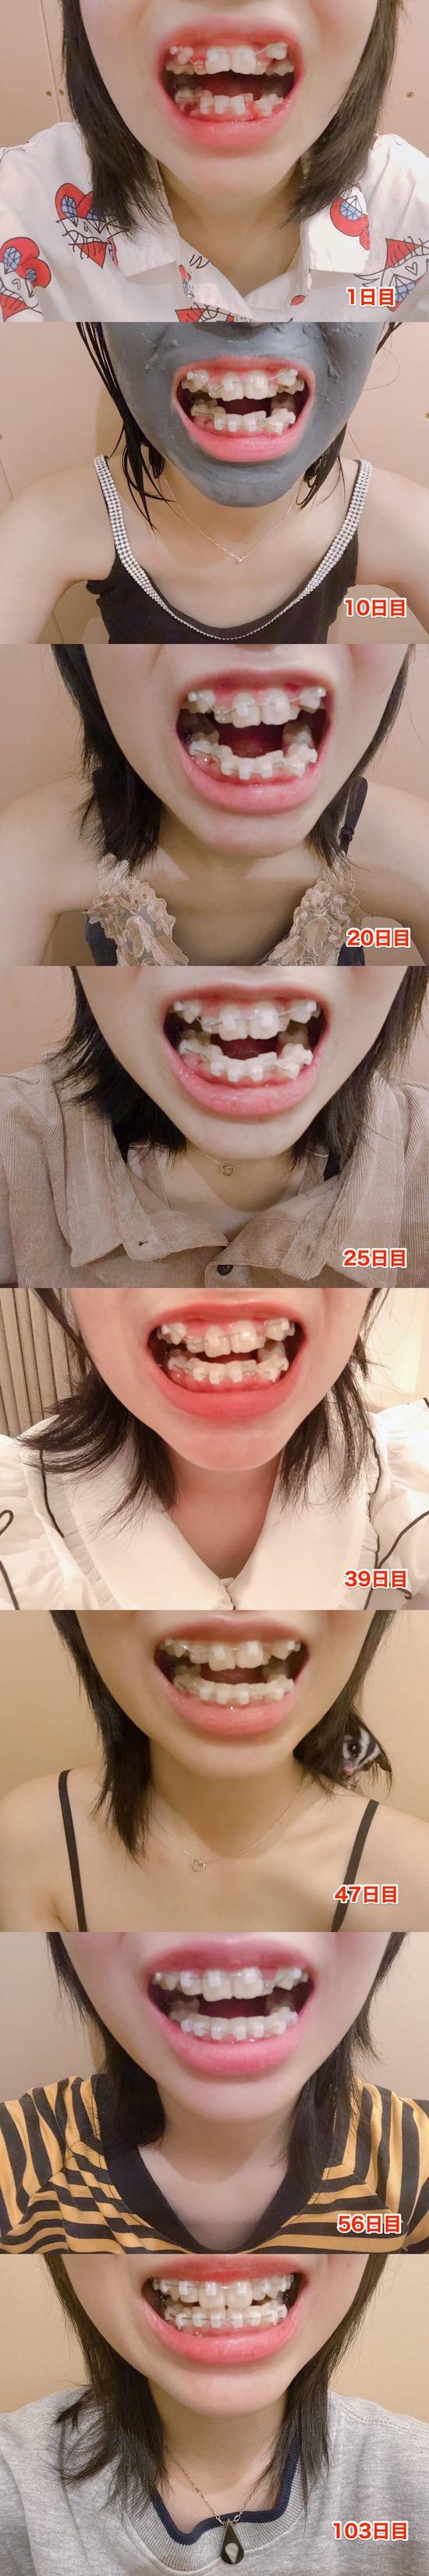 【画像】歯列矯正を3ヶ月ちょいやった結果がすごすぎる件wwwwwwwwwwwwwwww